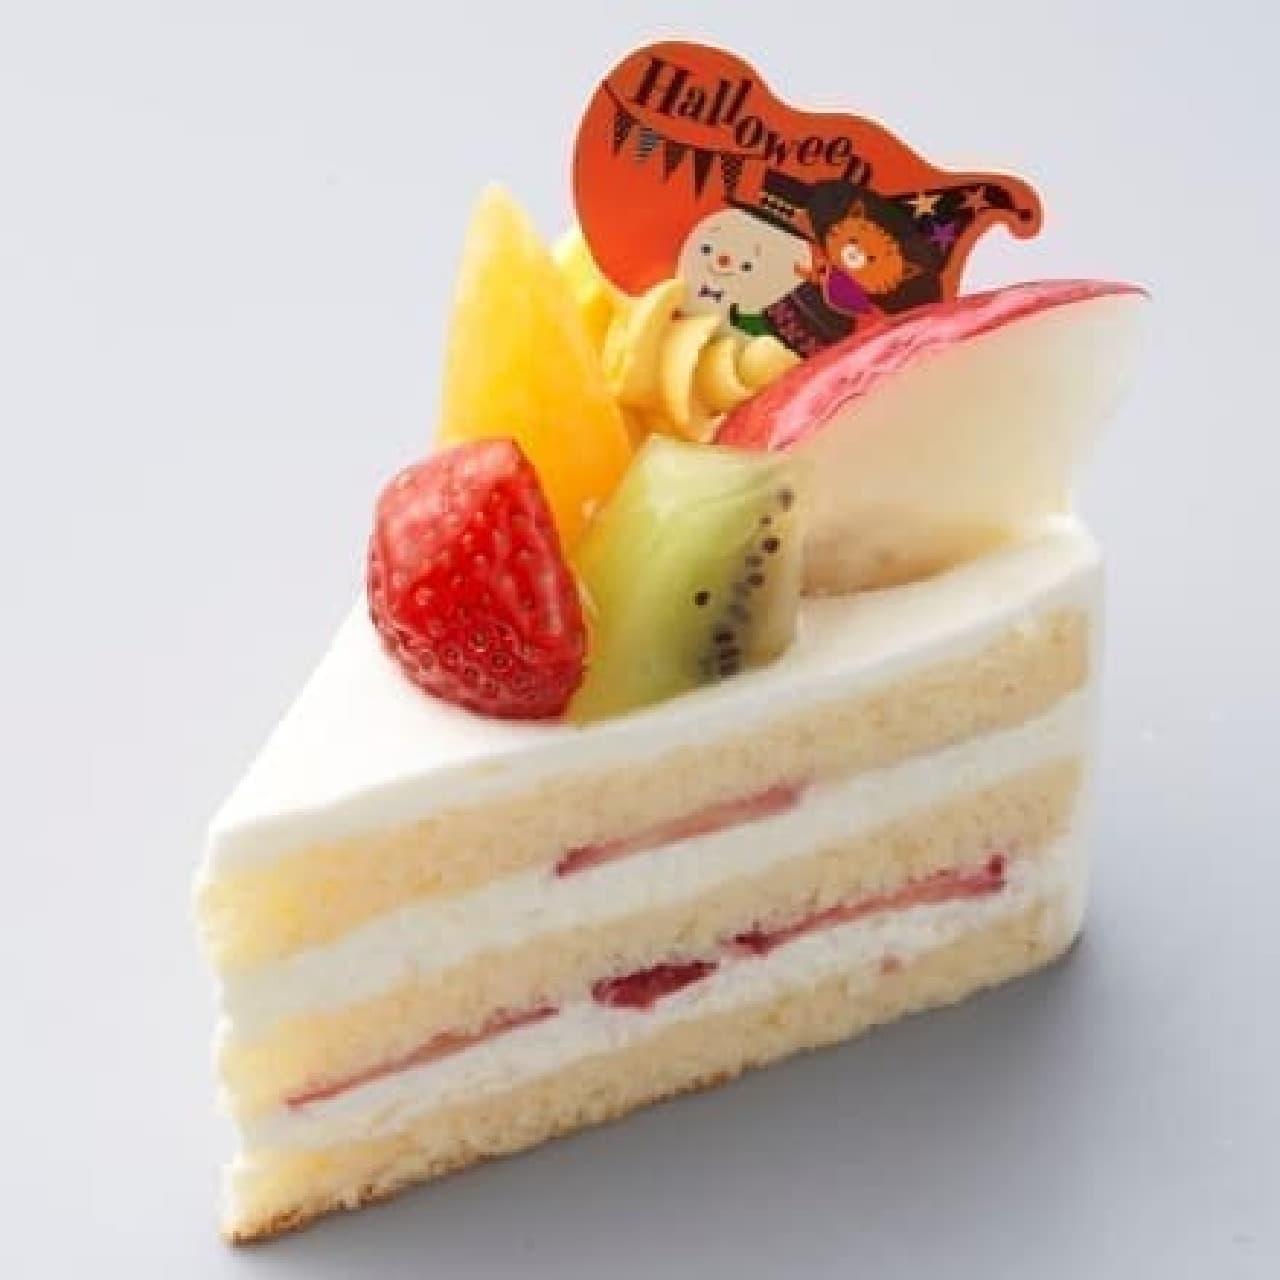 シャトレーゼ「ハロウィン プレミアム純生クリームショートケーキ」